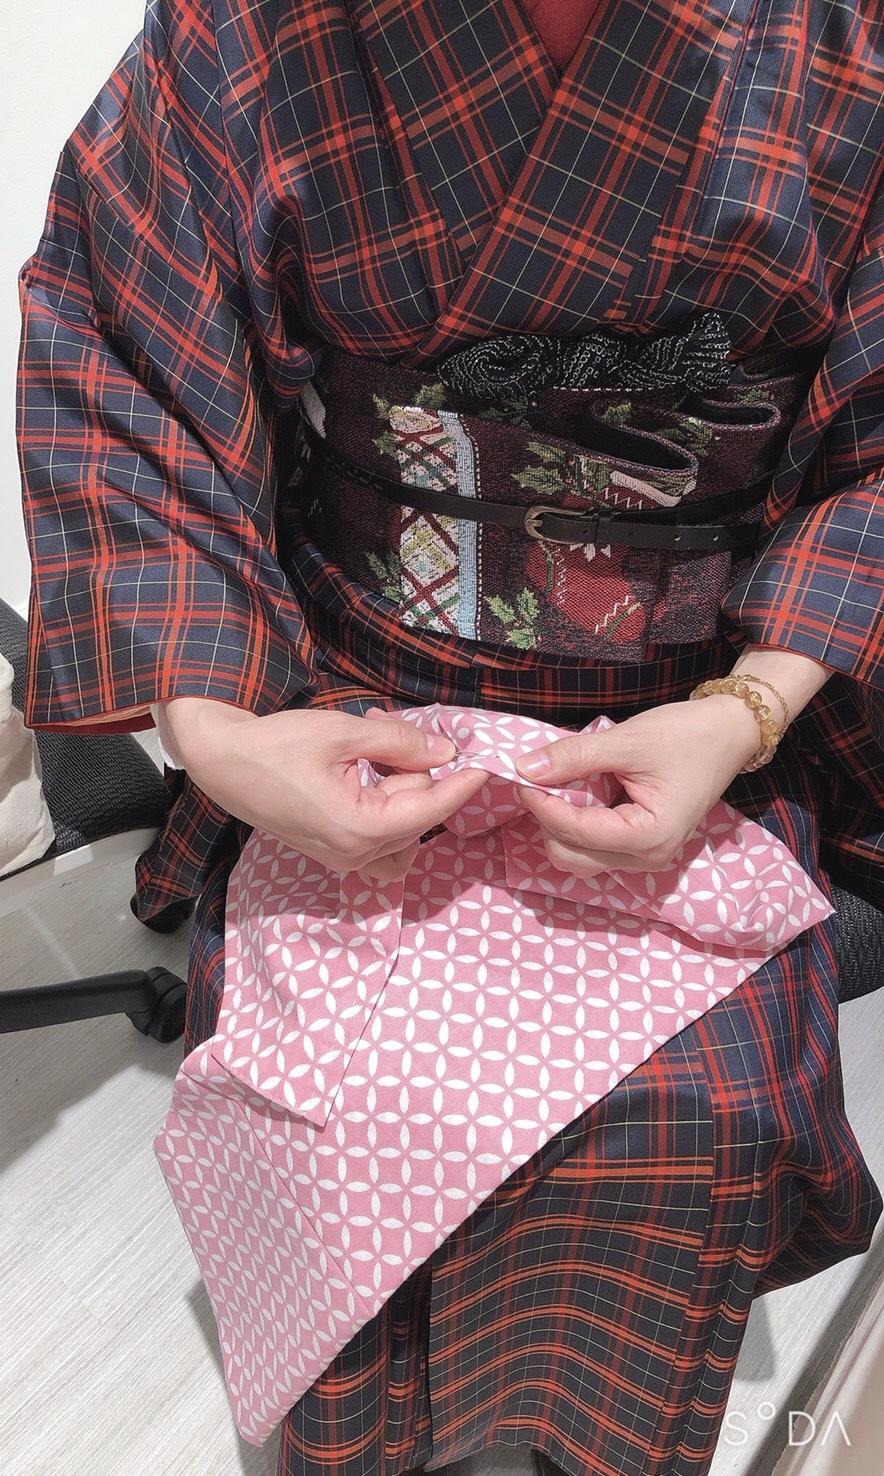 【イベント】ヘノヘノマカナで手縫いの手ぬぐいブラを作りました